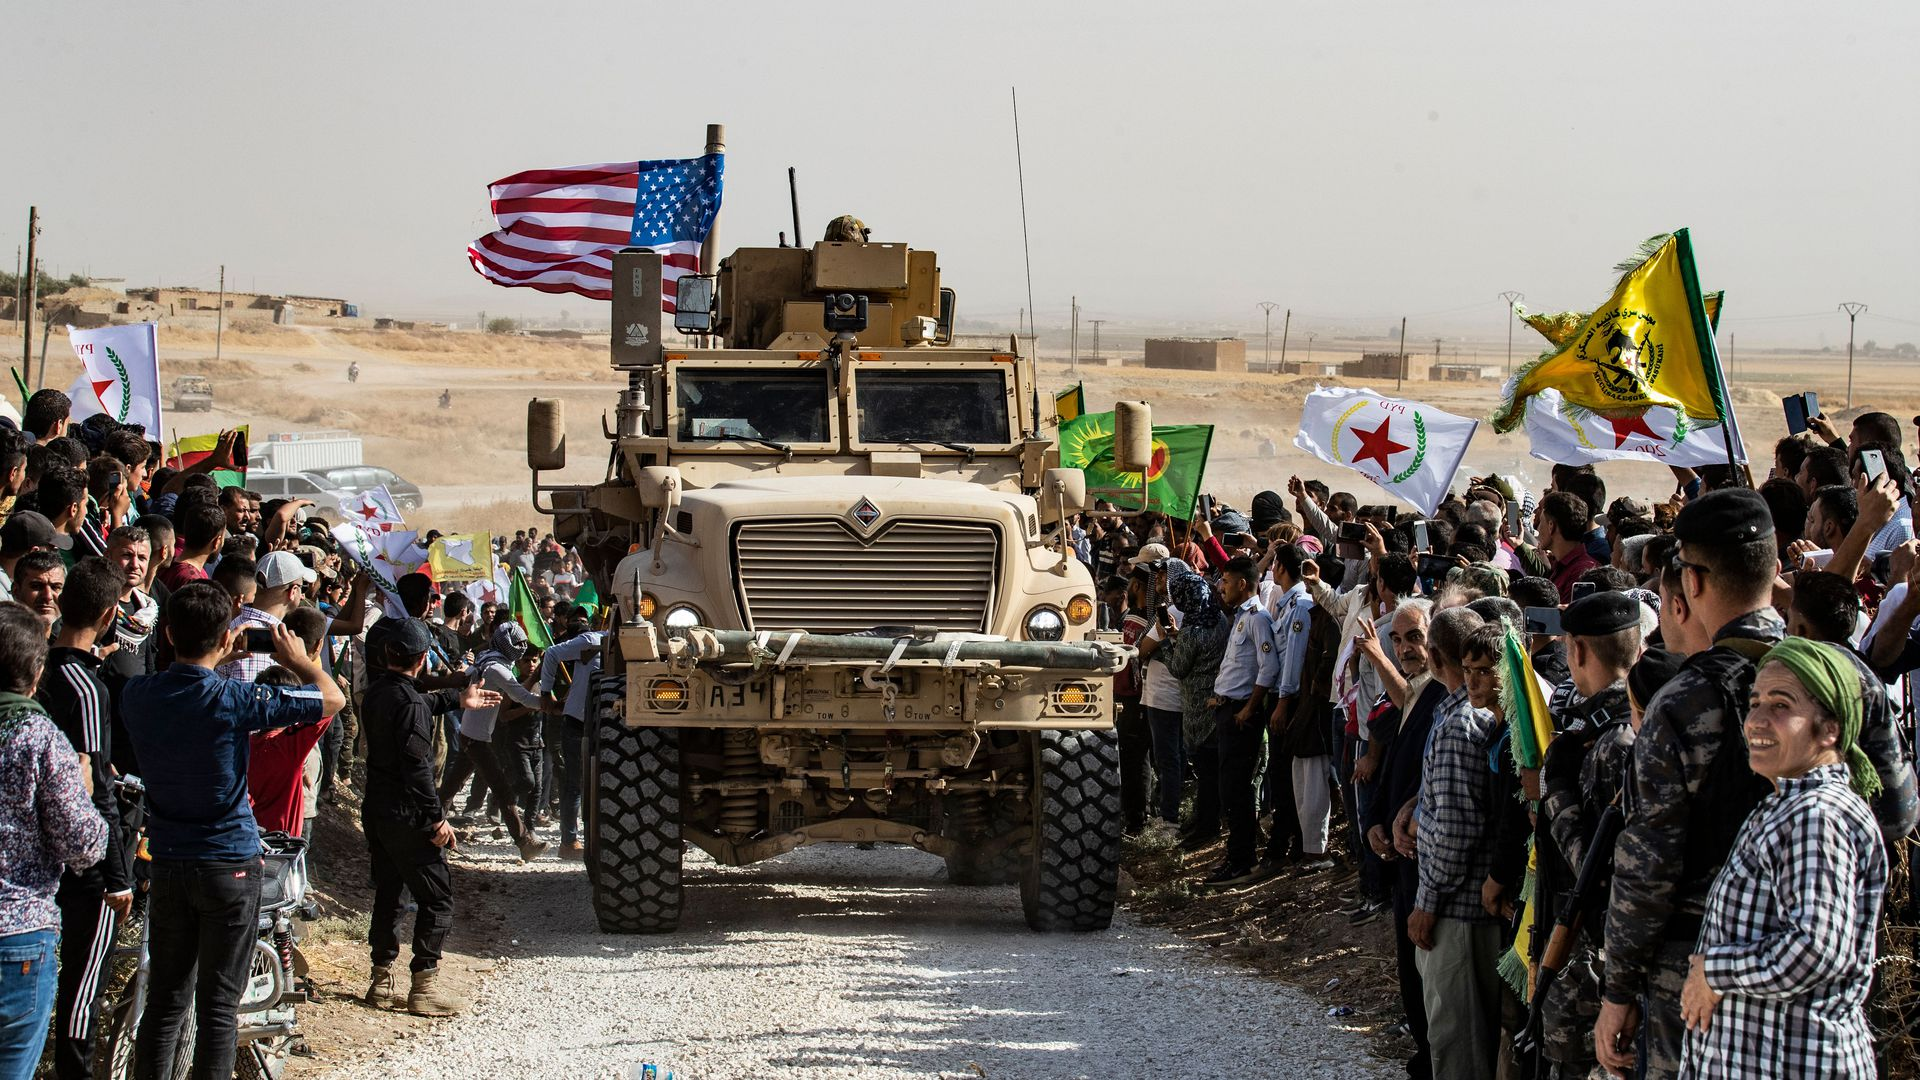 Syrians gather around a U.S. armored car